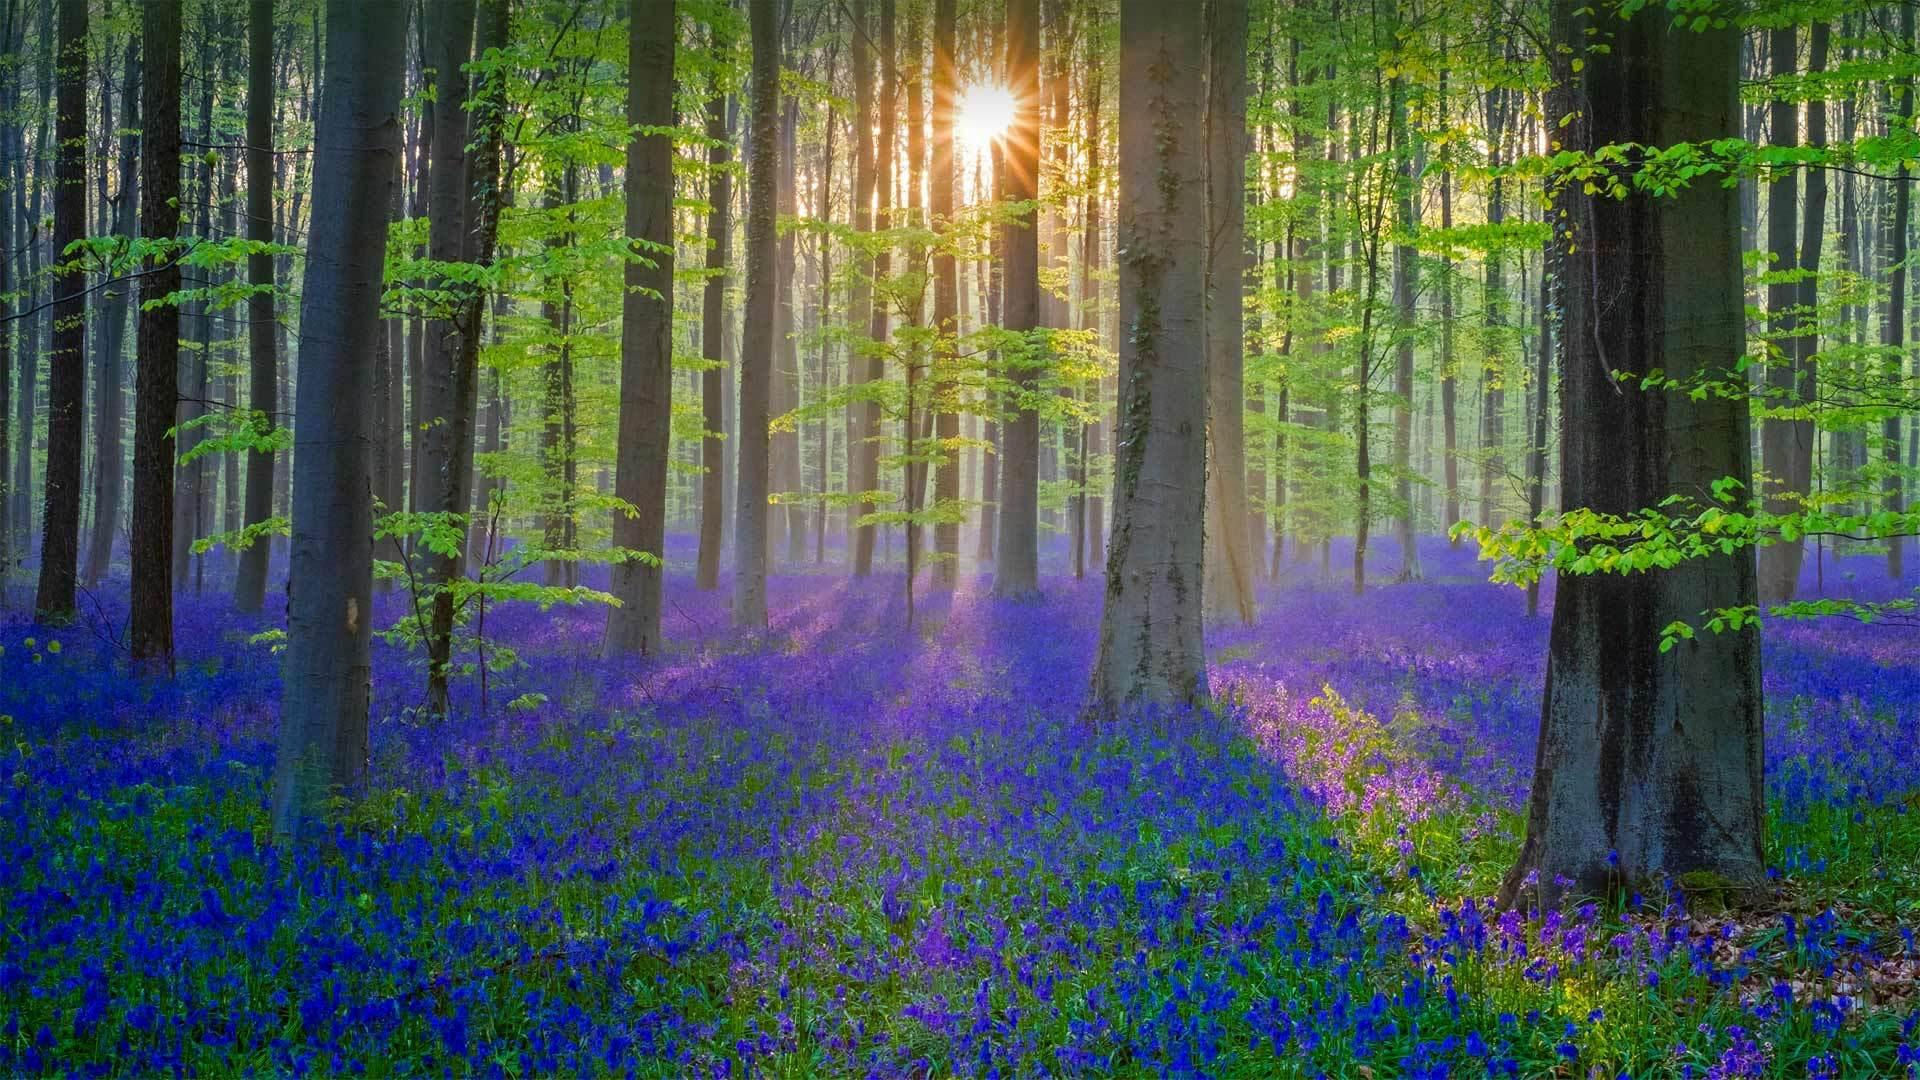 覆盖了Hallerbos森林地面的蓝铃花蓝铃花